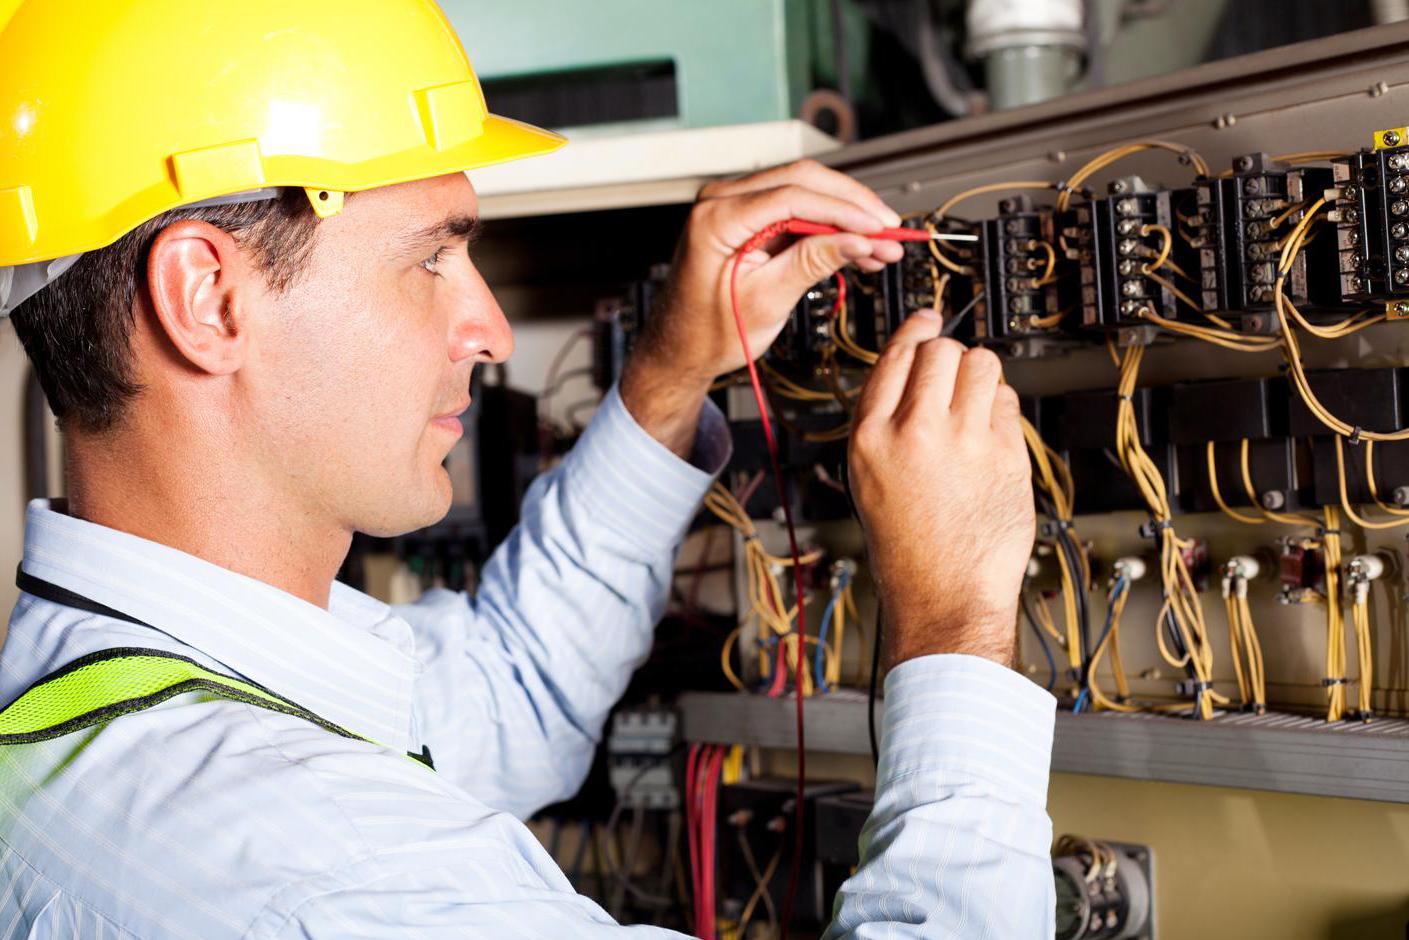 Meilleur électricien travaux électriques